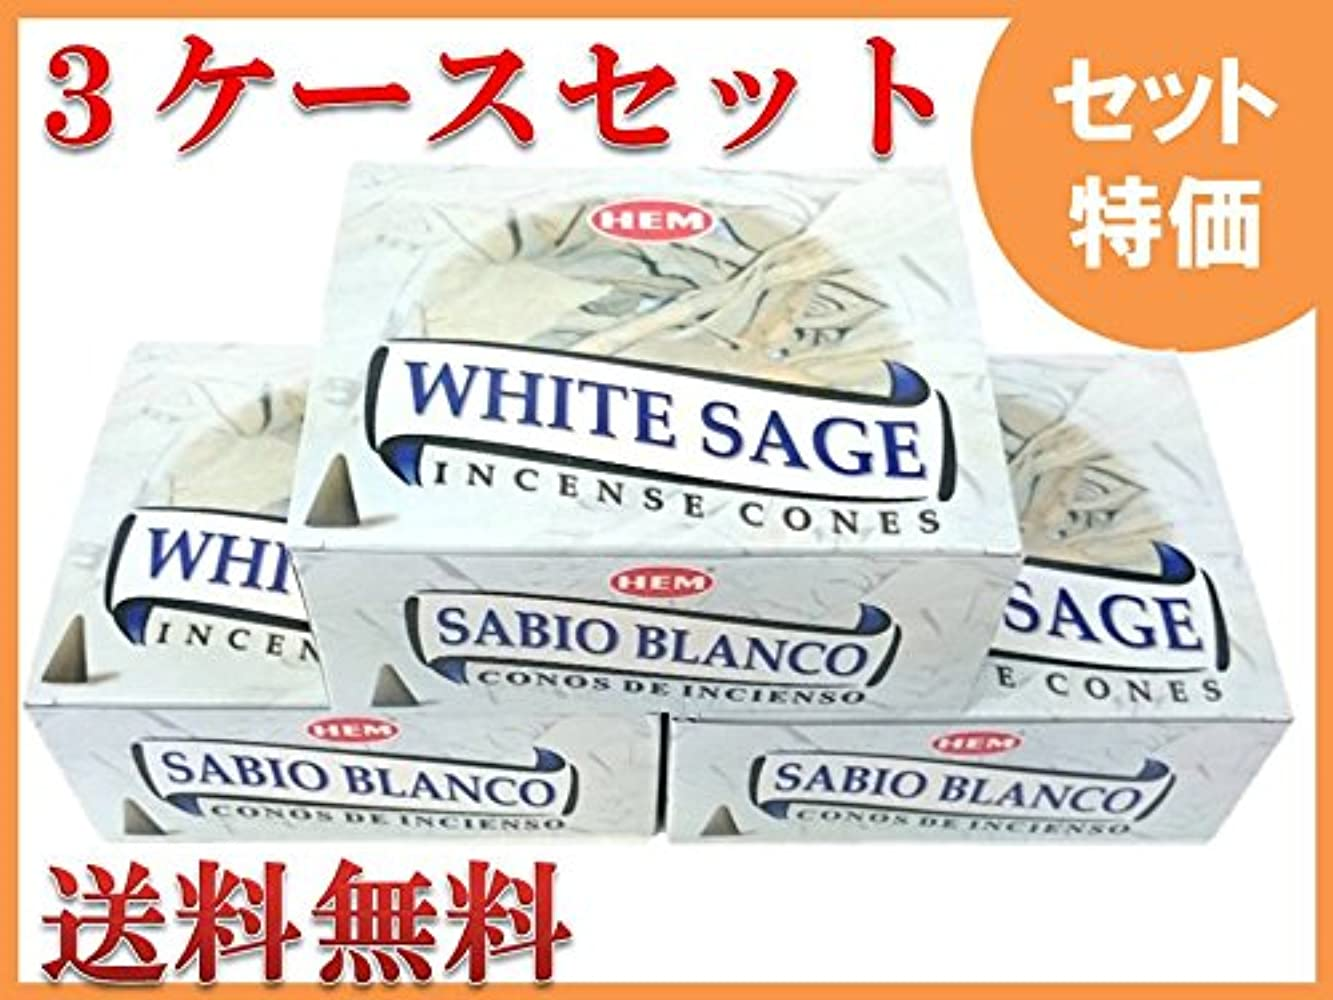 正午暗黙ニュージーランドHEM(ヘム)お香コーン:ホワイトセージ 3ケース(36箱)セット/お香コーン/HEMホワイトセージコーン